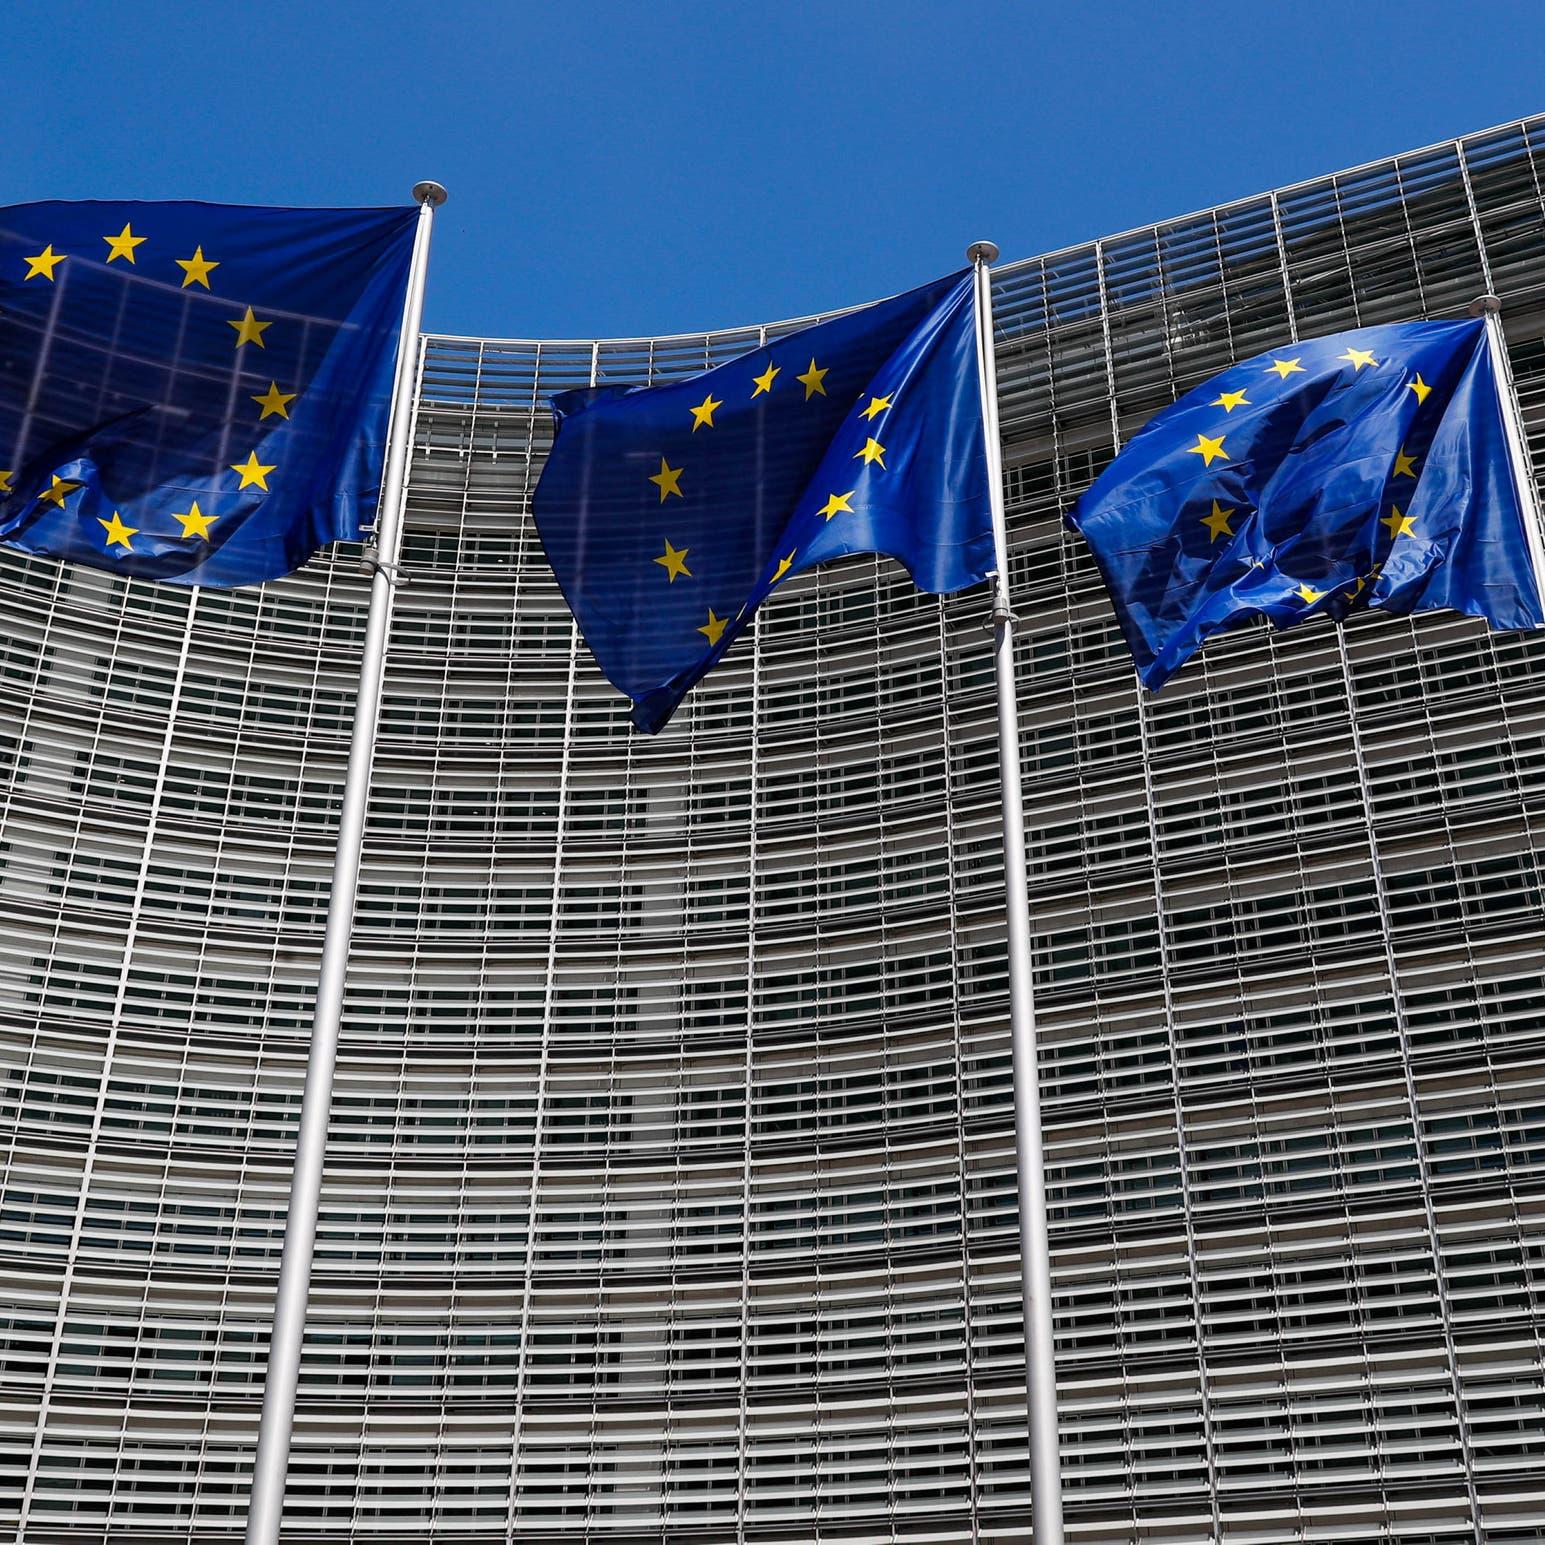 أوروبا تمدد عقوبات إيران بسبب انتهاكات حقوق الإنسان